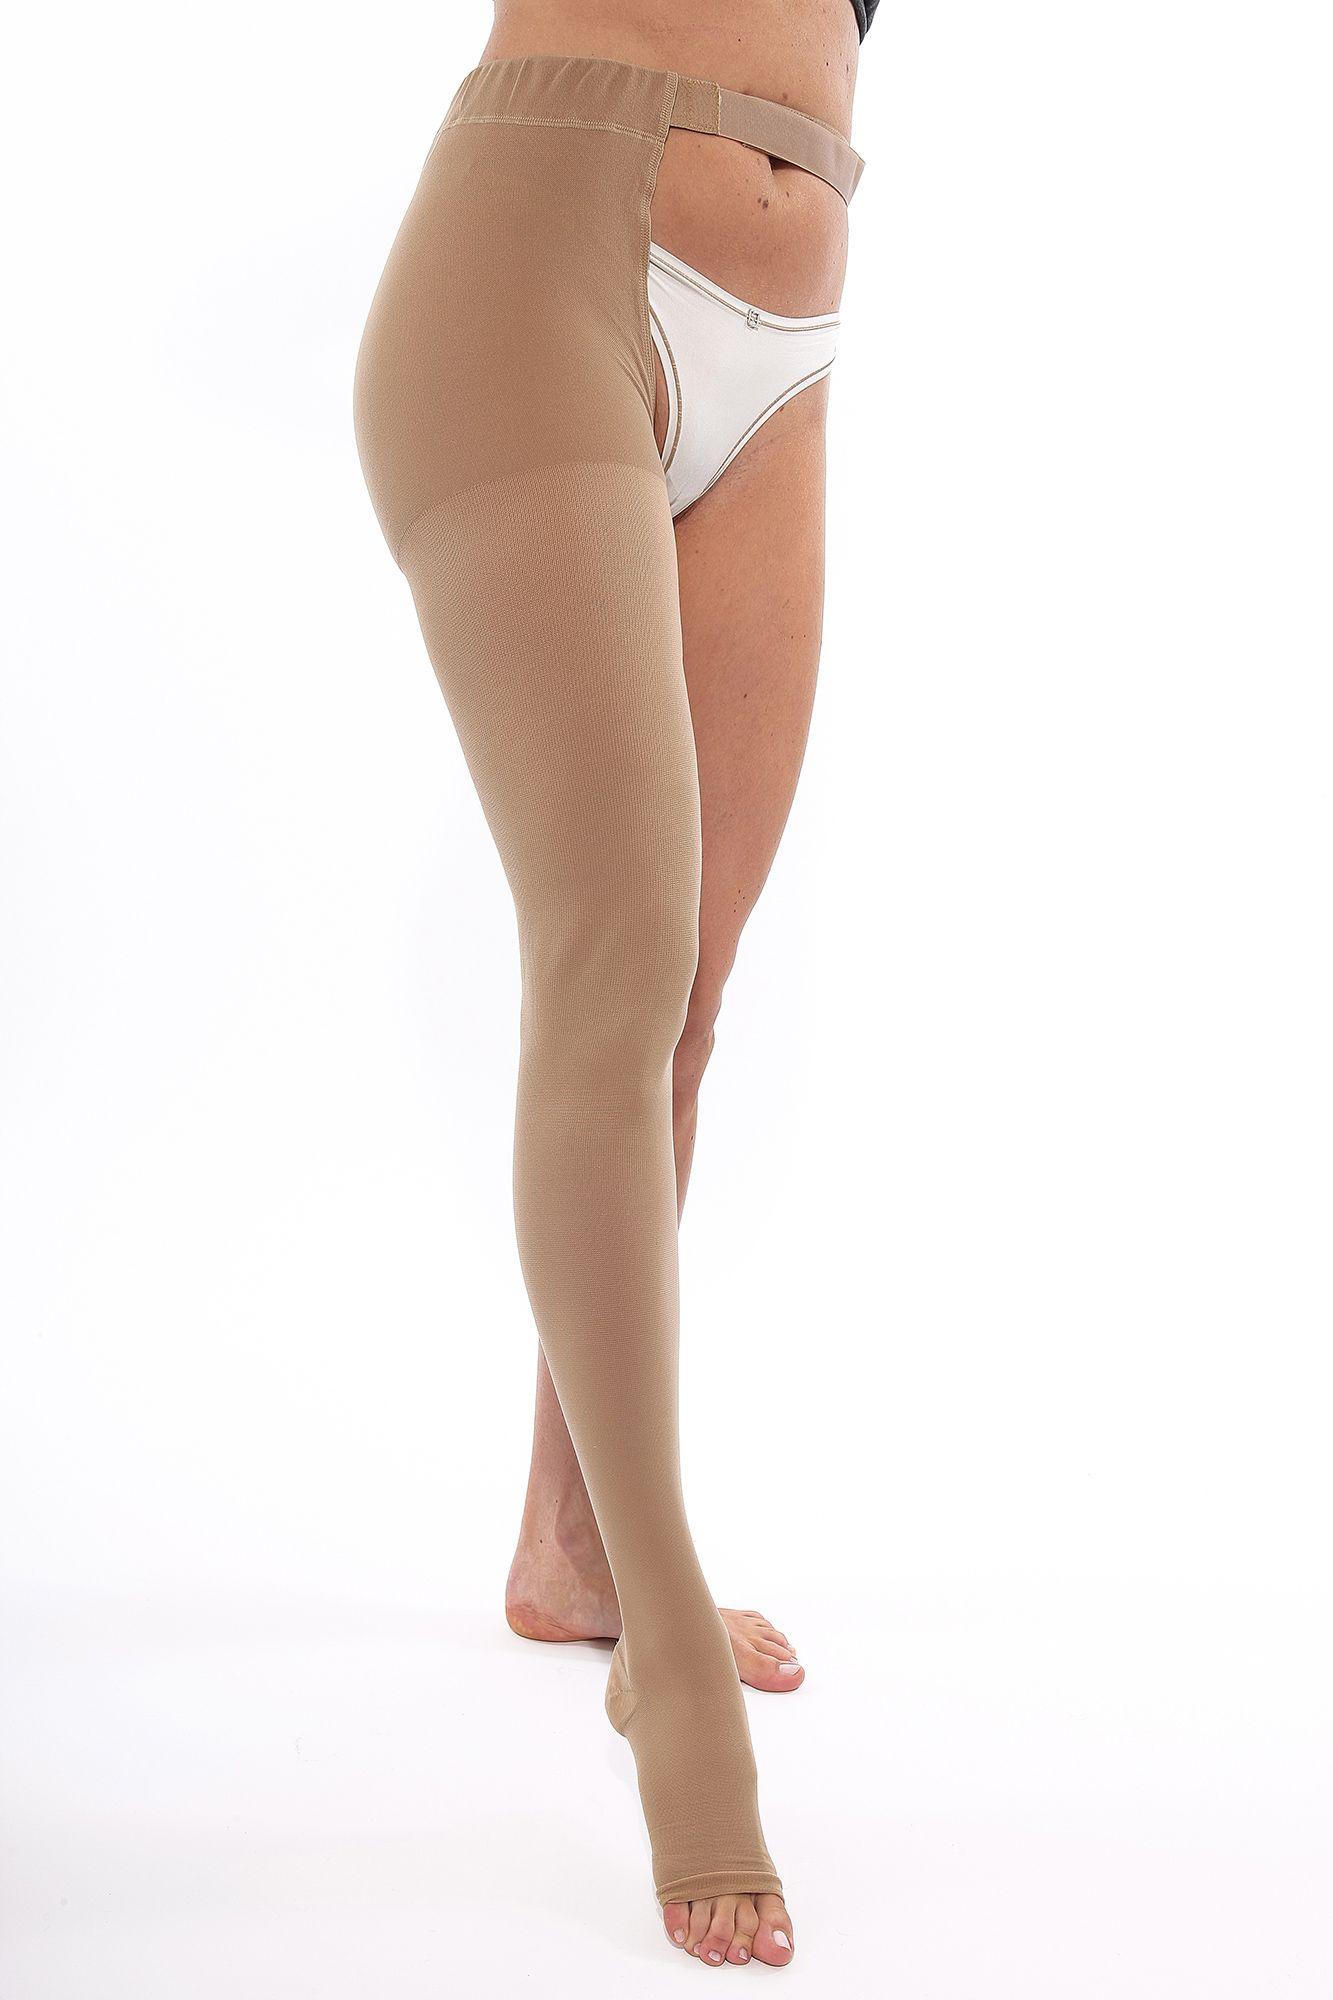 Bbw in skimpy underwear